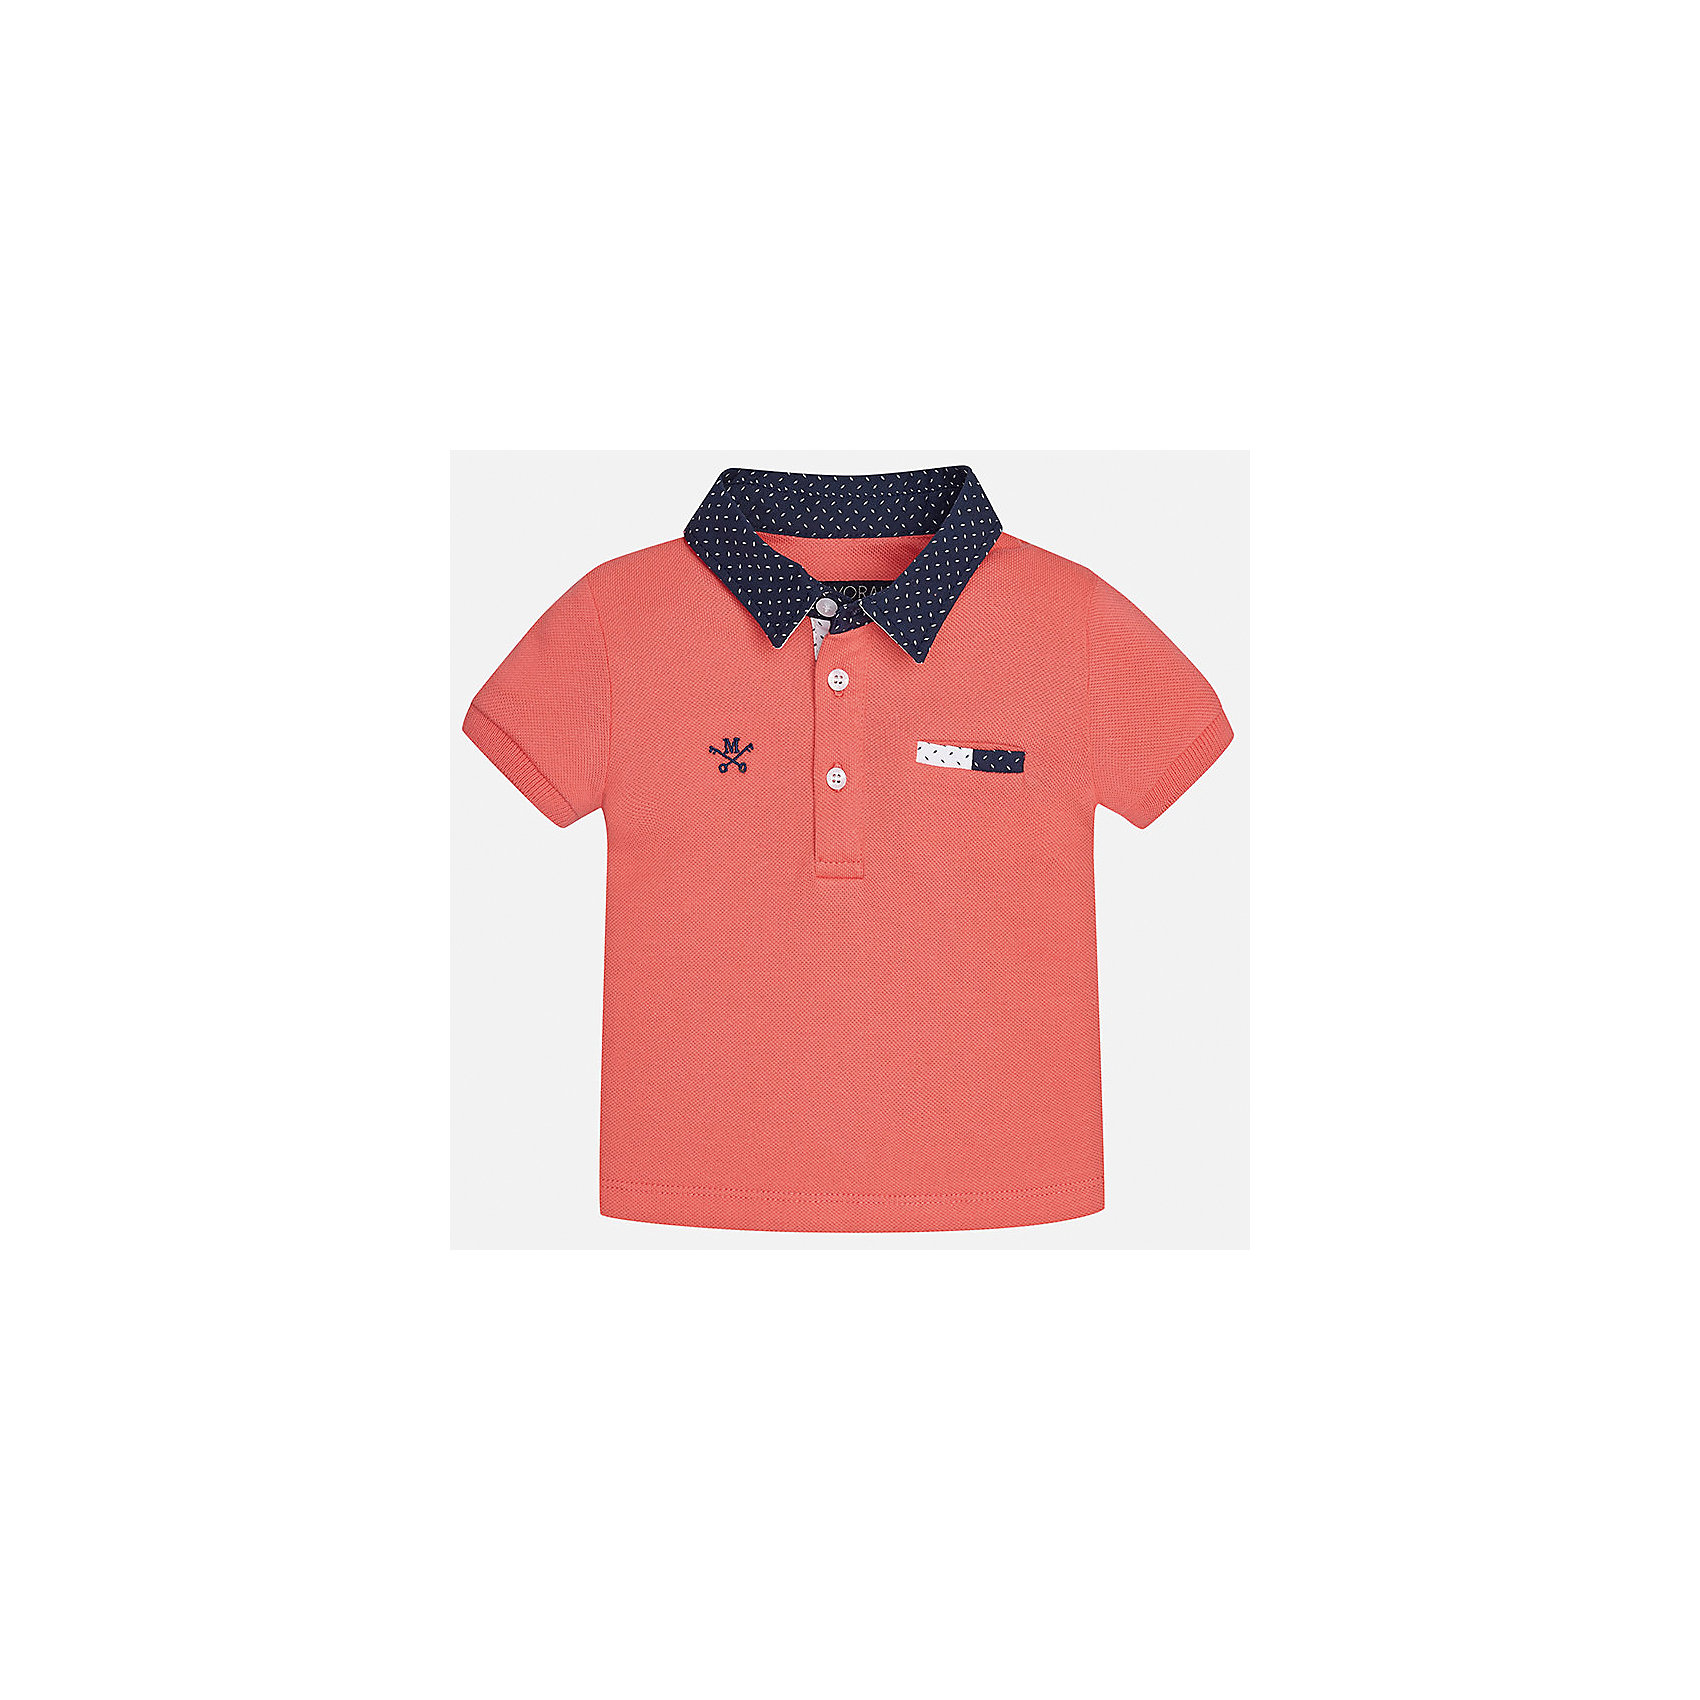 Футболка-поло для мальчика MayoralФутболки, поло и топы<br>Характеристики товара:<br><br>• цвет: красный<br>• состав: 100% хлопок<br>• отложной воротник<br>• короткие рукава<br>• застежка: пуговицы<br>• декорирована вышивкой<br>• страна бренда: Испания<br><br>Футболка-поло для мальчика может стать базовой вещью в гардеробе ребенка. Она отлично сочетается с брюками, шортами, джинсами и т.д. Универсальный крой и цвет позволяет подобрать к вещи низ разных расцветок. Практичное и стильное изделие! В составе материала - только натуральный хлопок, гипоаллергенный, приятный на ощупь, дышащий.<br><br>Одежда, обувь и аксессуары от испанского бренда Mayoral полюбились детям и взрослым по всему миру. Модели этой марки - стильные и удобные. Для их производства используются только безопасные, качественные материалы и фурнитура. Порадуйте ребенка модными и красивыми вещами от Mayoral! <br><br>Футболку-поло для мальчика от испанского бренда Mayoral (Майорал) можно купить в нашем интернет-магазине.<br><br>Ширина мм: 199<br>Глубина мм: 10<br>Высота мм: 161<br>Вес г: 151<br>Цвет: розовый<br>Возраст от месяцев: 18<br>Возраст до месяцев: 24<br>Пол: Мужской<br>Возраст: Детский<br>Размер: 92,86,80<br>SKU: 5279402